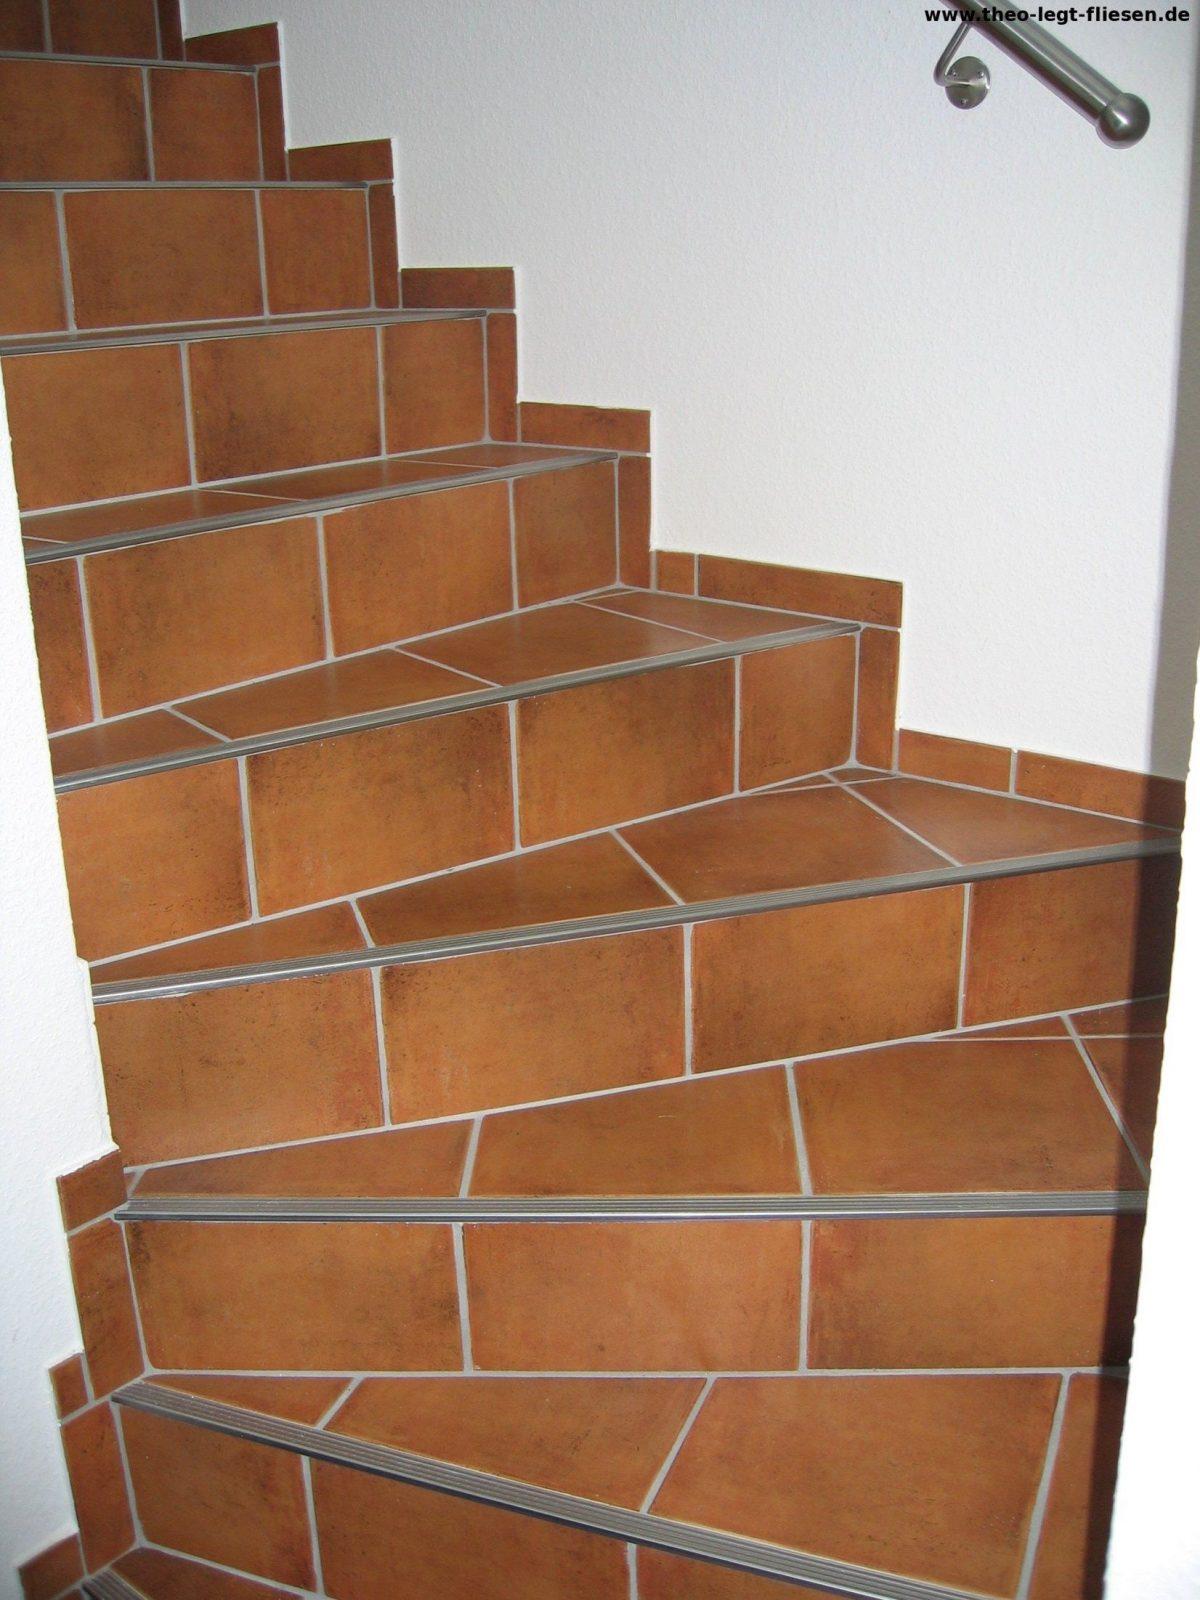 Treppe Fliesen Luxus Ideen Bezieht Sich Auf Treppe Fliesen von Gewendelte Treppe Fliesen Anleitung Bild